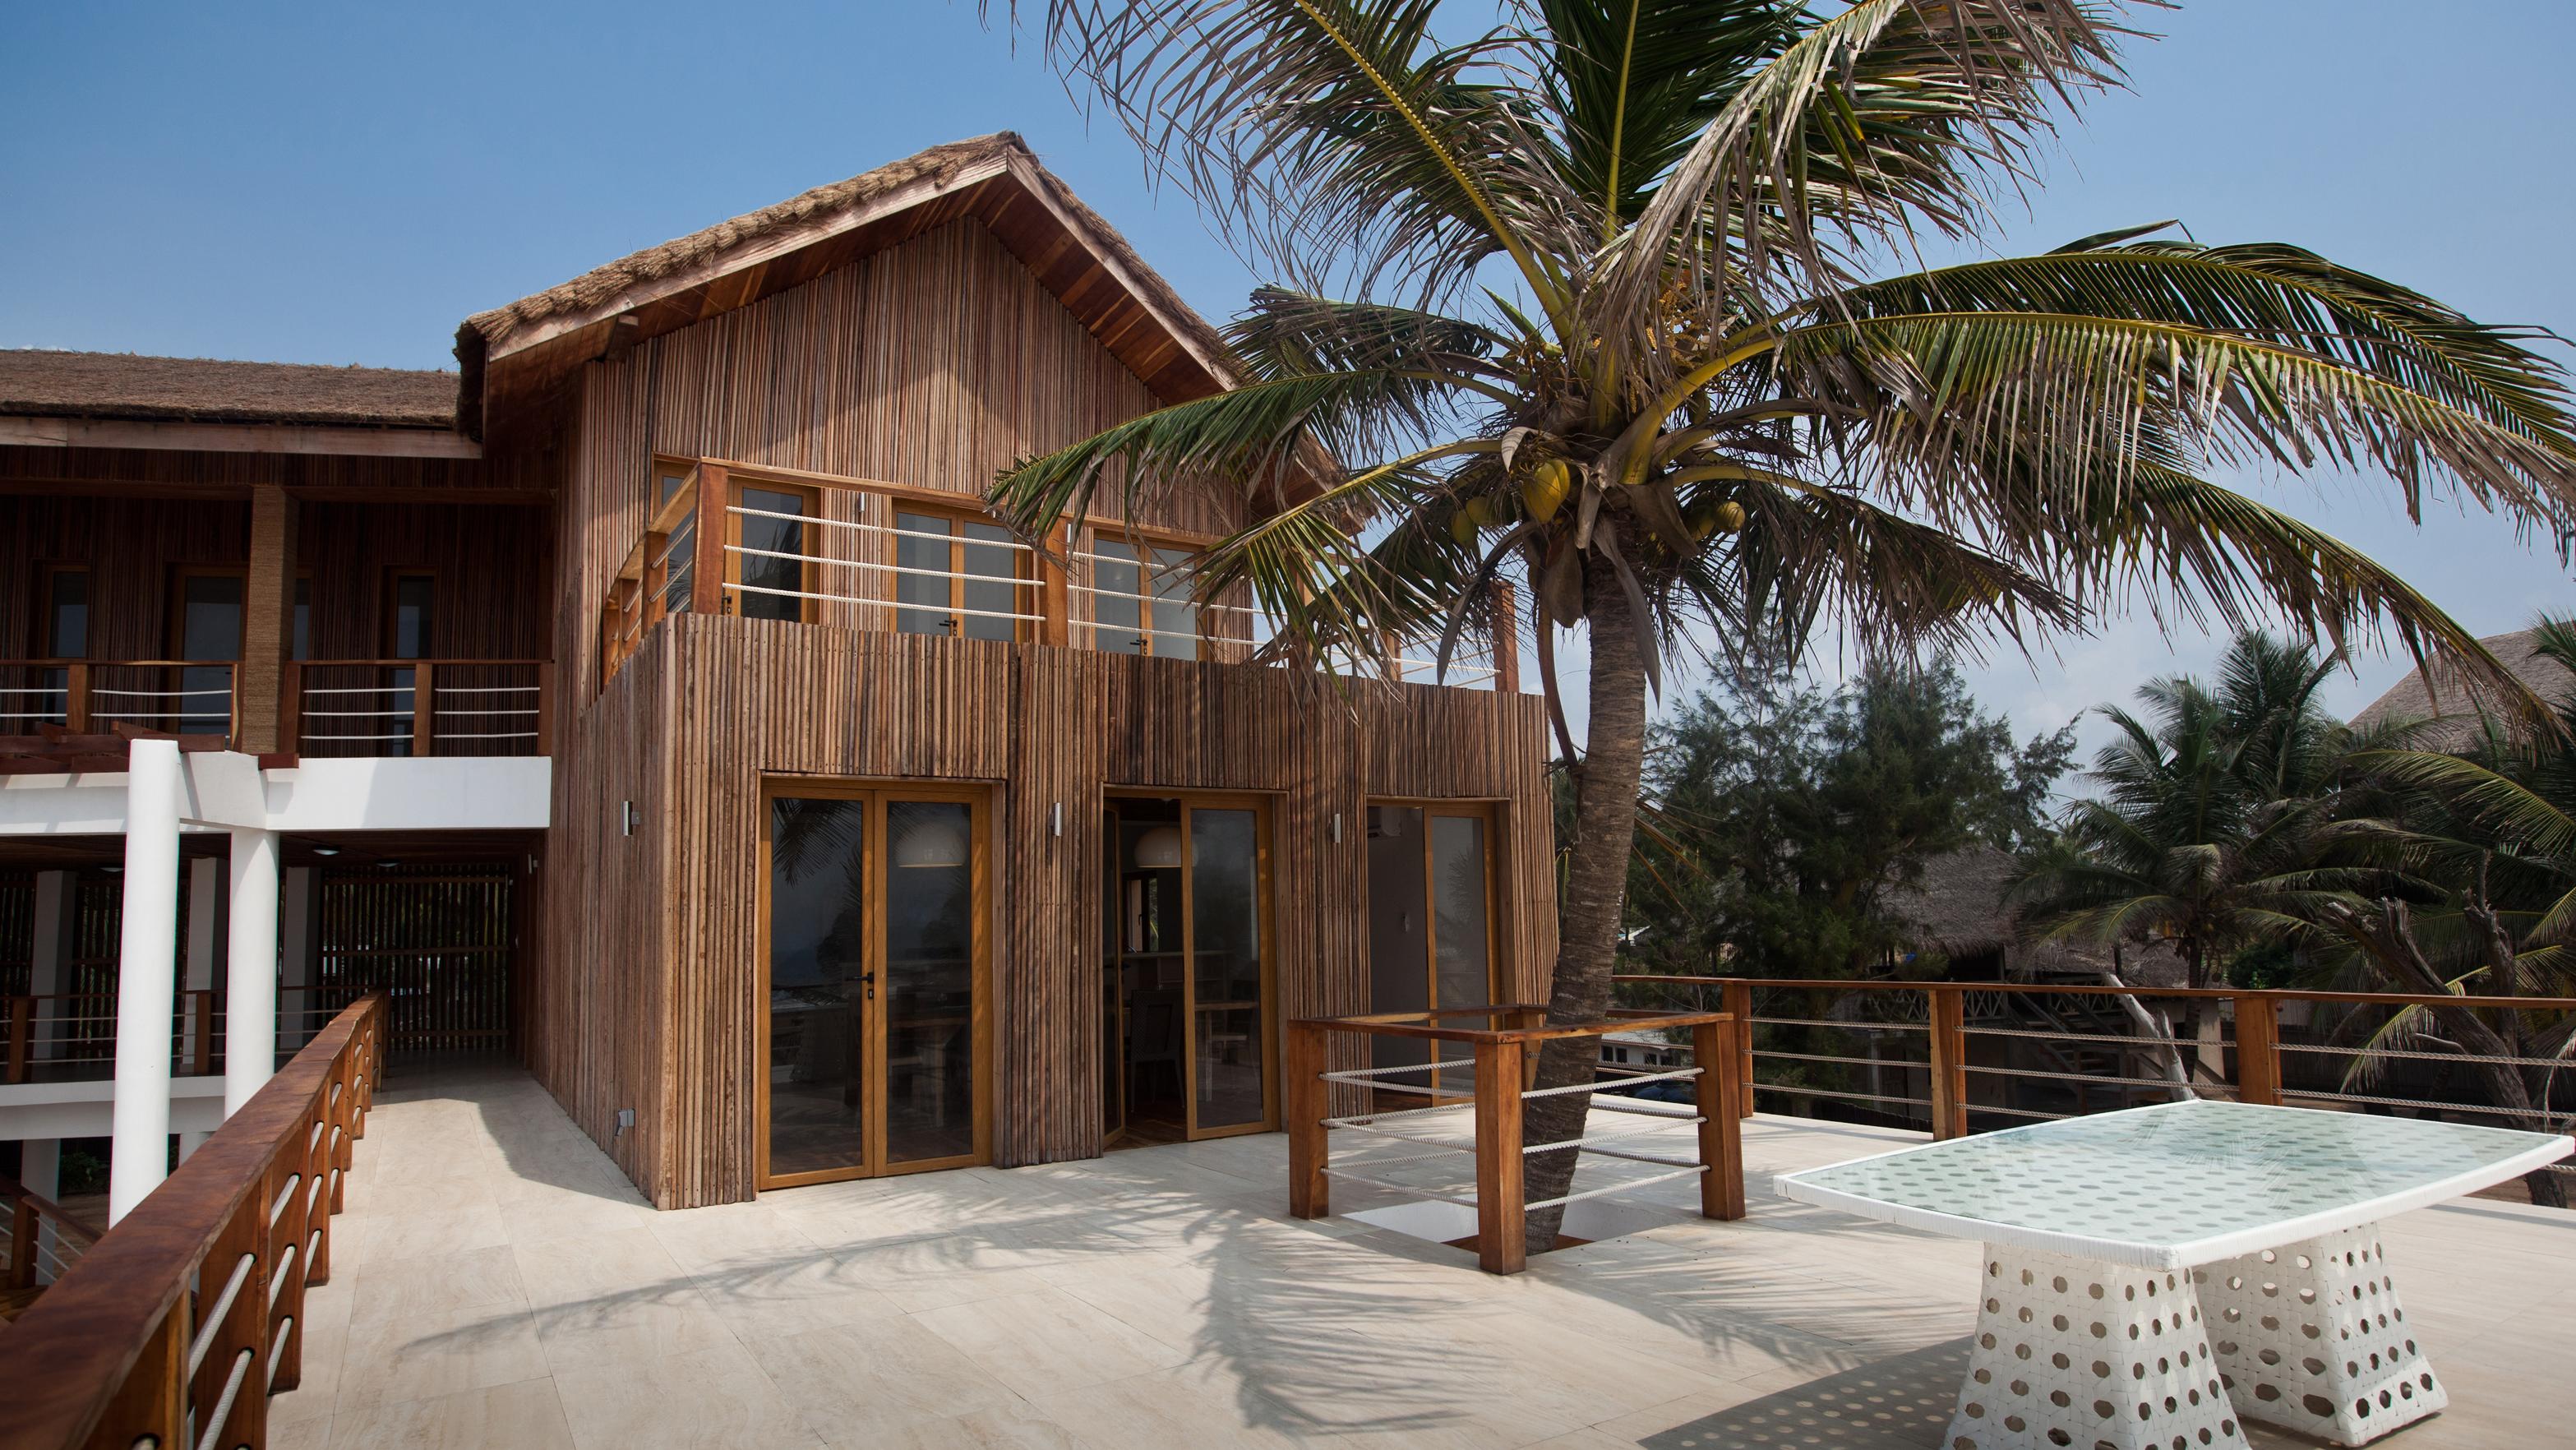 PRIVATE BEACH HOUSE 6